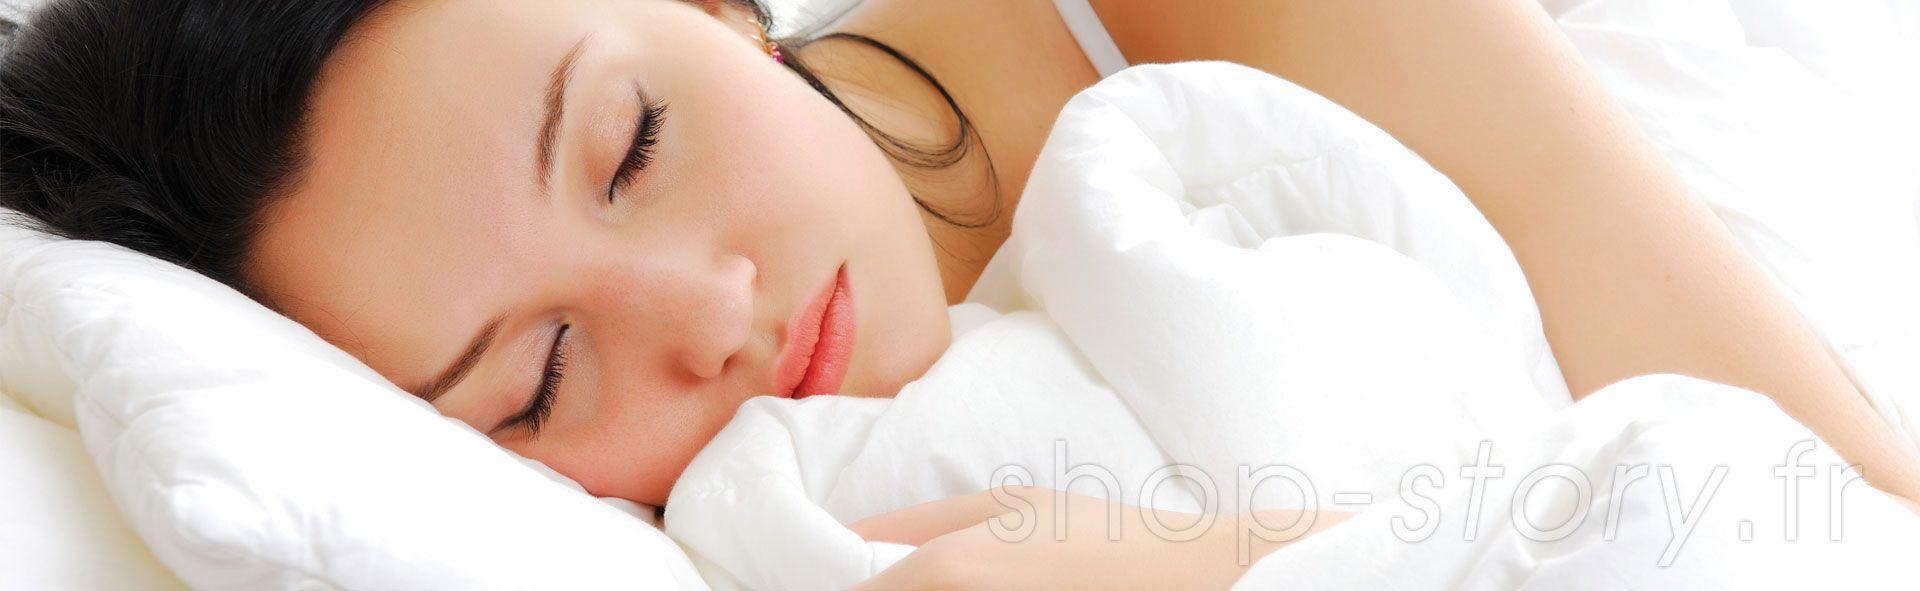 couverture chauffante 39 99 lectrique pour 2 personnes 160x140 cm. Black Bedroom Furniture Sets. Home Design Ideas